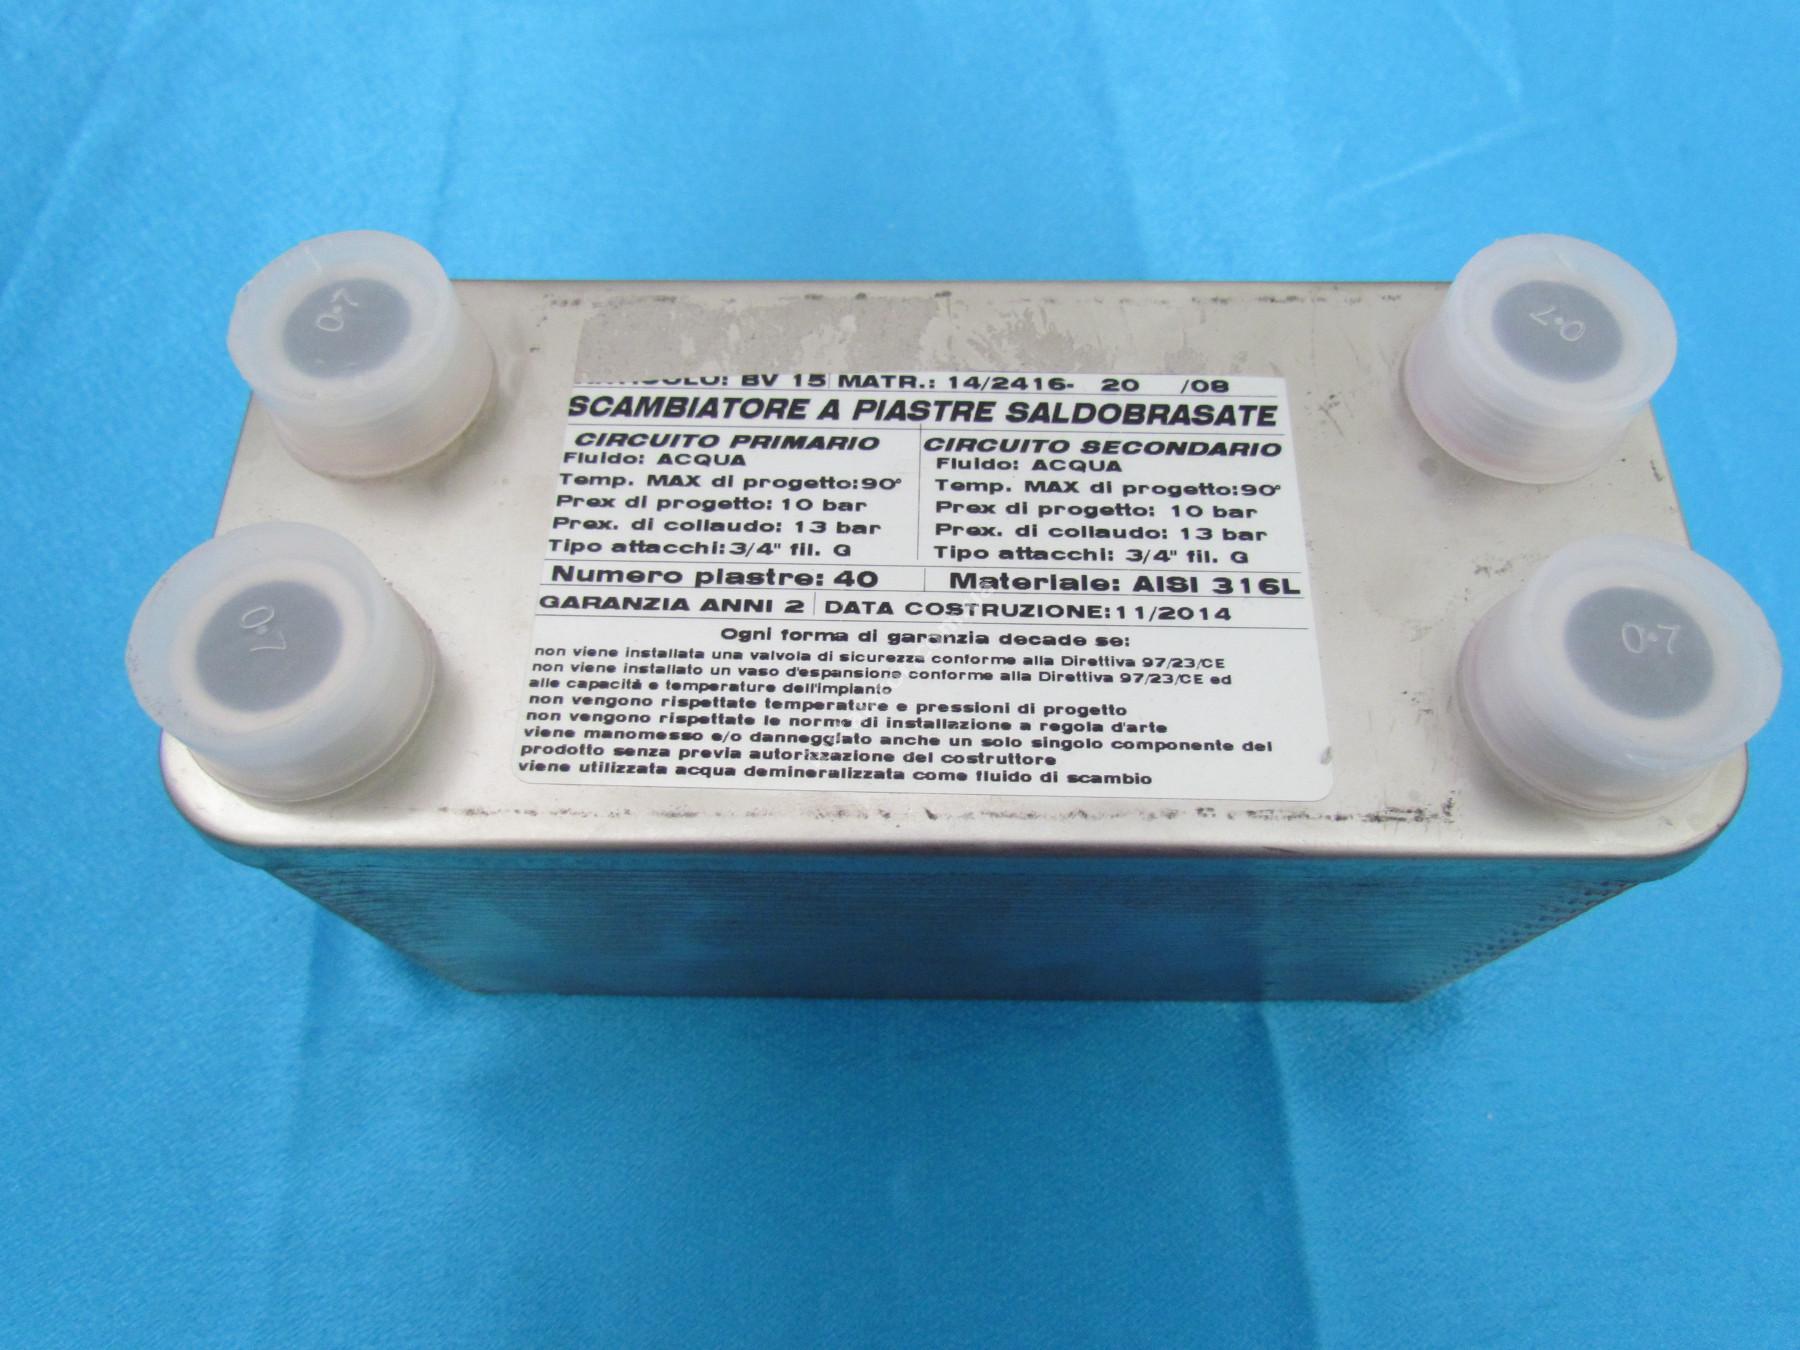 Теплообмінник ATTACCHI 40 пластин full-image-0